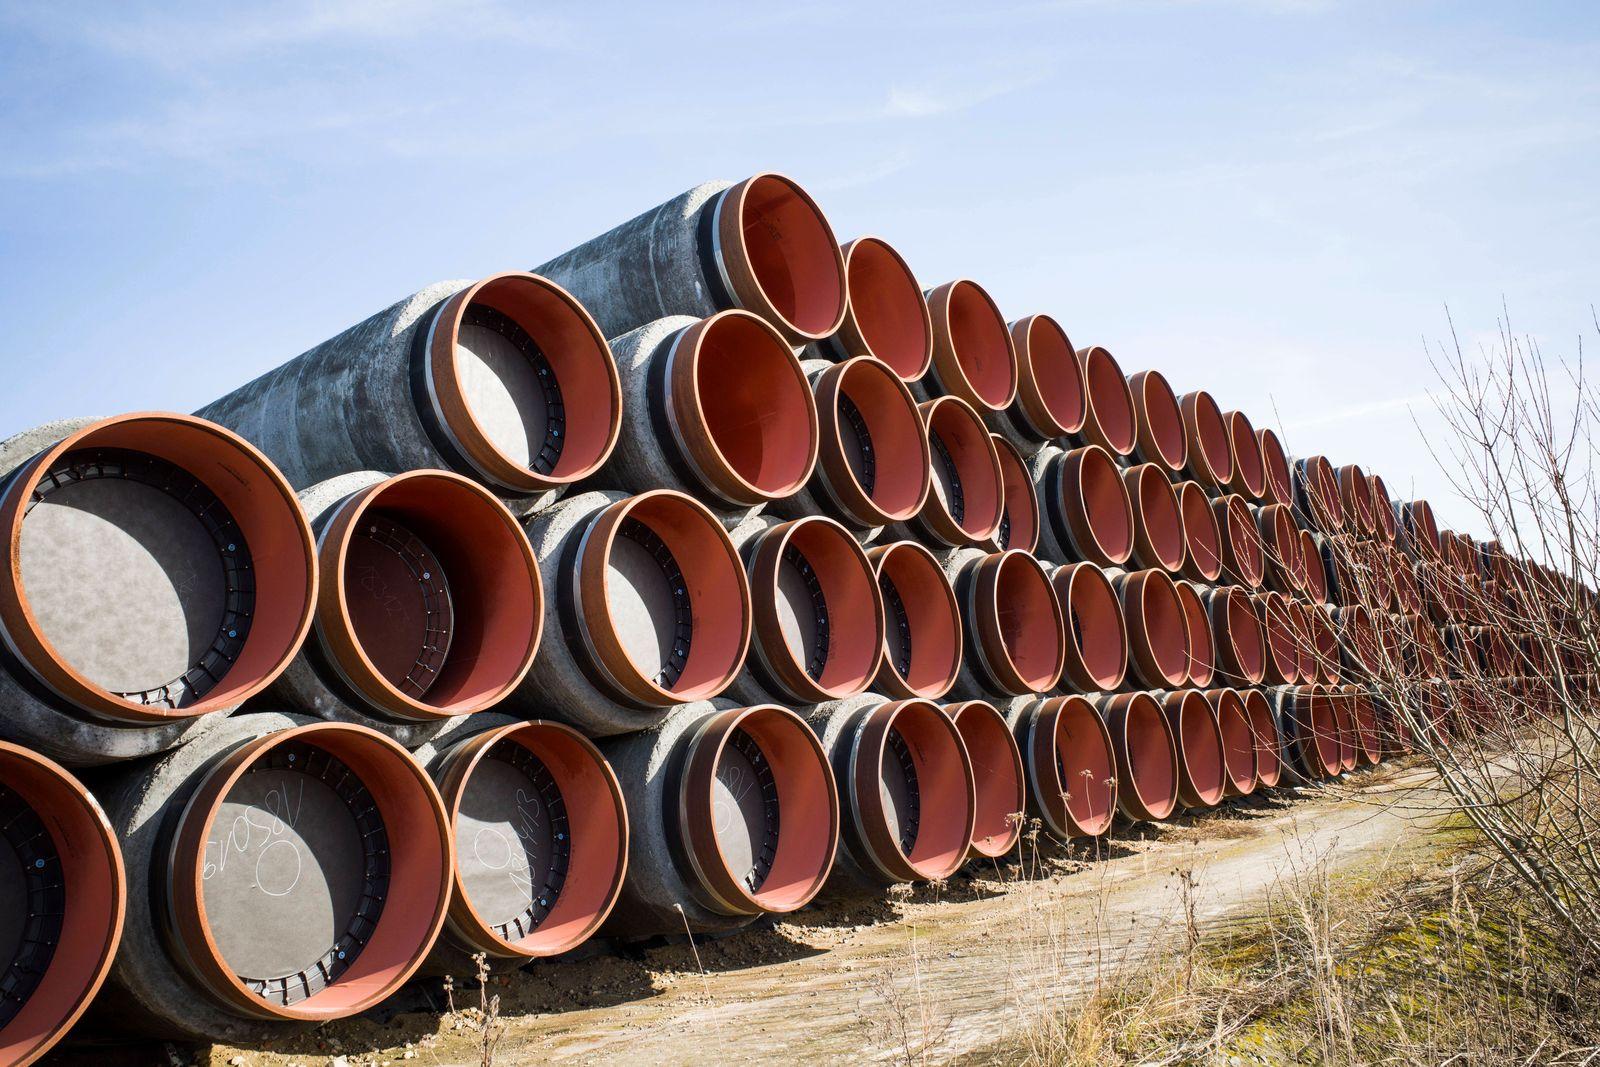 Pipeline-Röhren für den Transport von Erdgas lagern im Seehafen Sassnitz-Mukran. Sowohl Rohre für den Bau der polnische